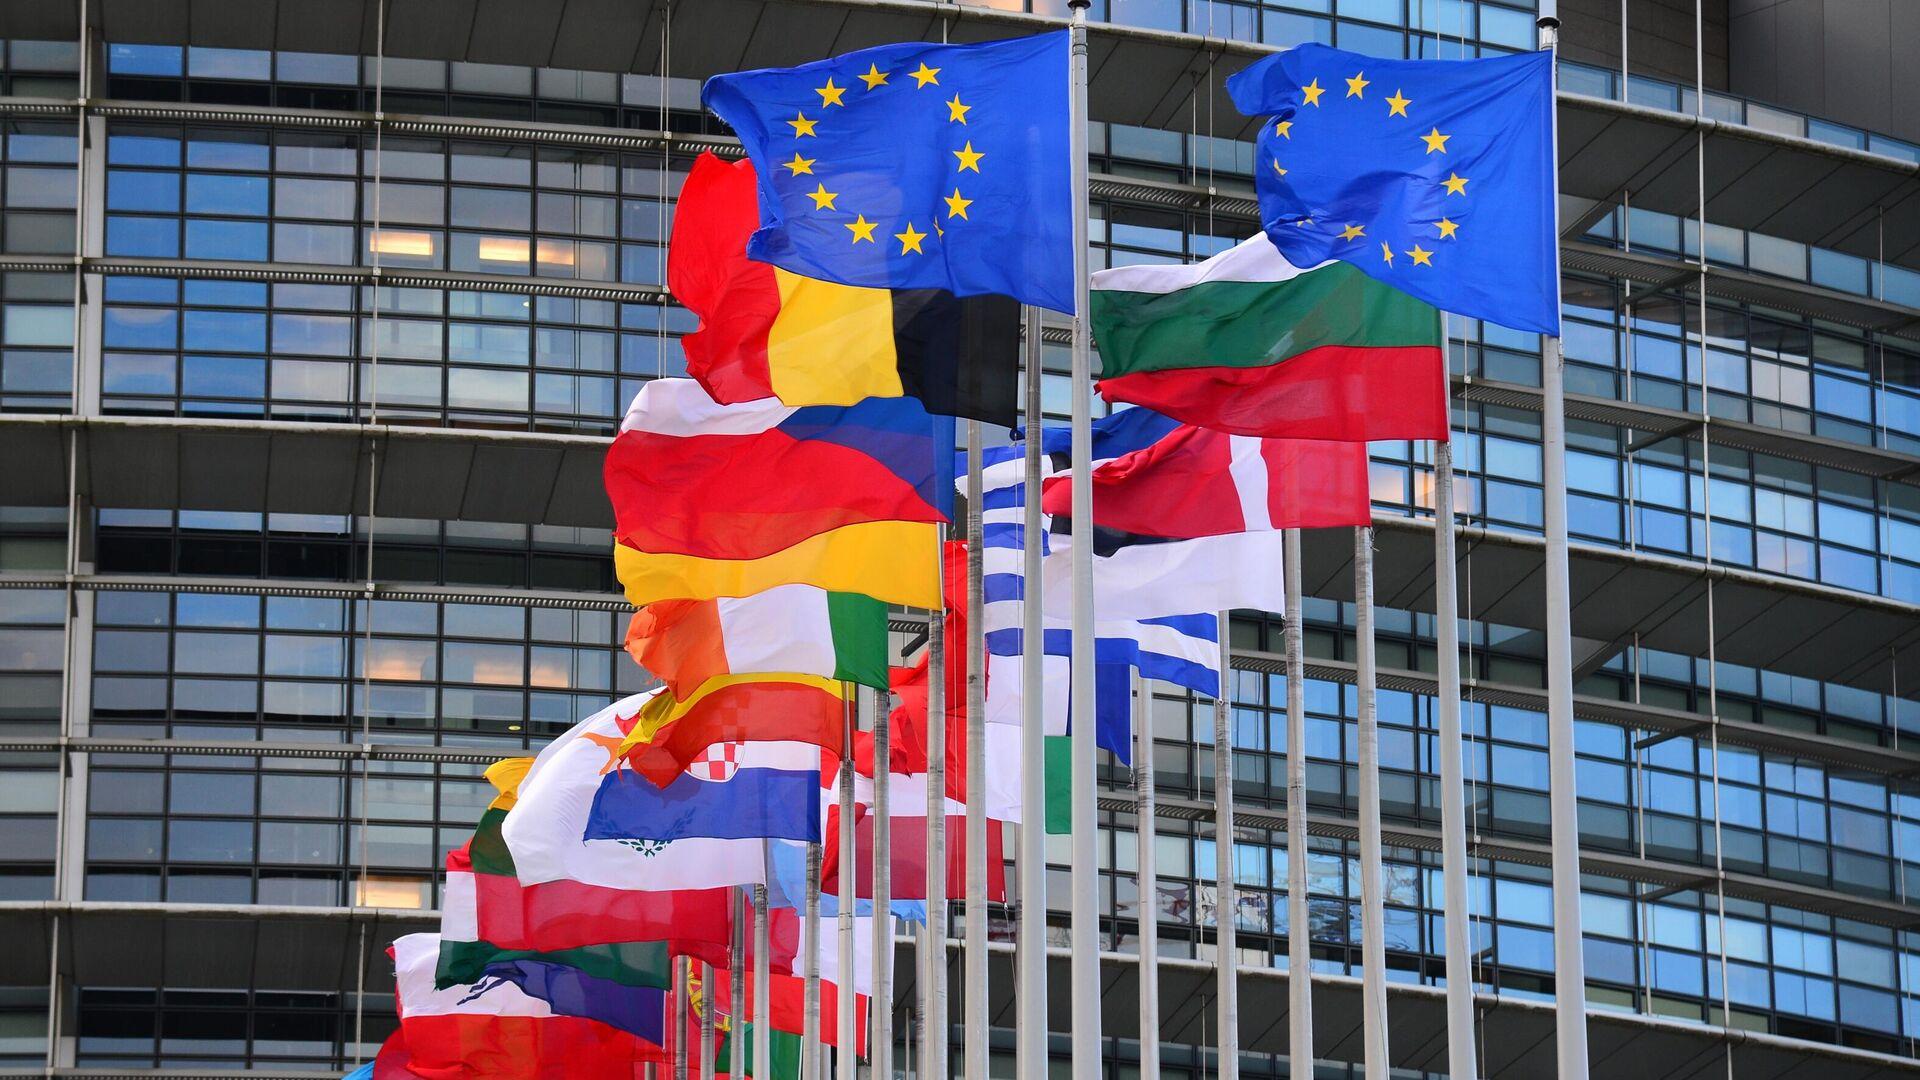 Флаги стран Евросоюза перед главным зданием Европейского парламента в Страсбурге - РИА Новости, 1920, 29.04.2021